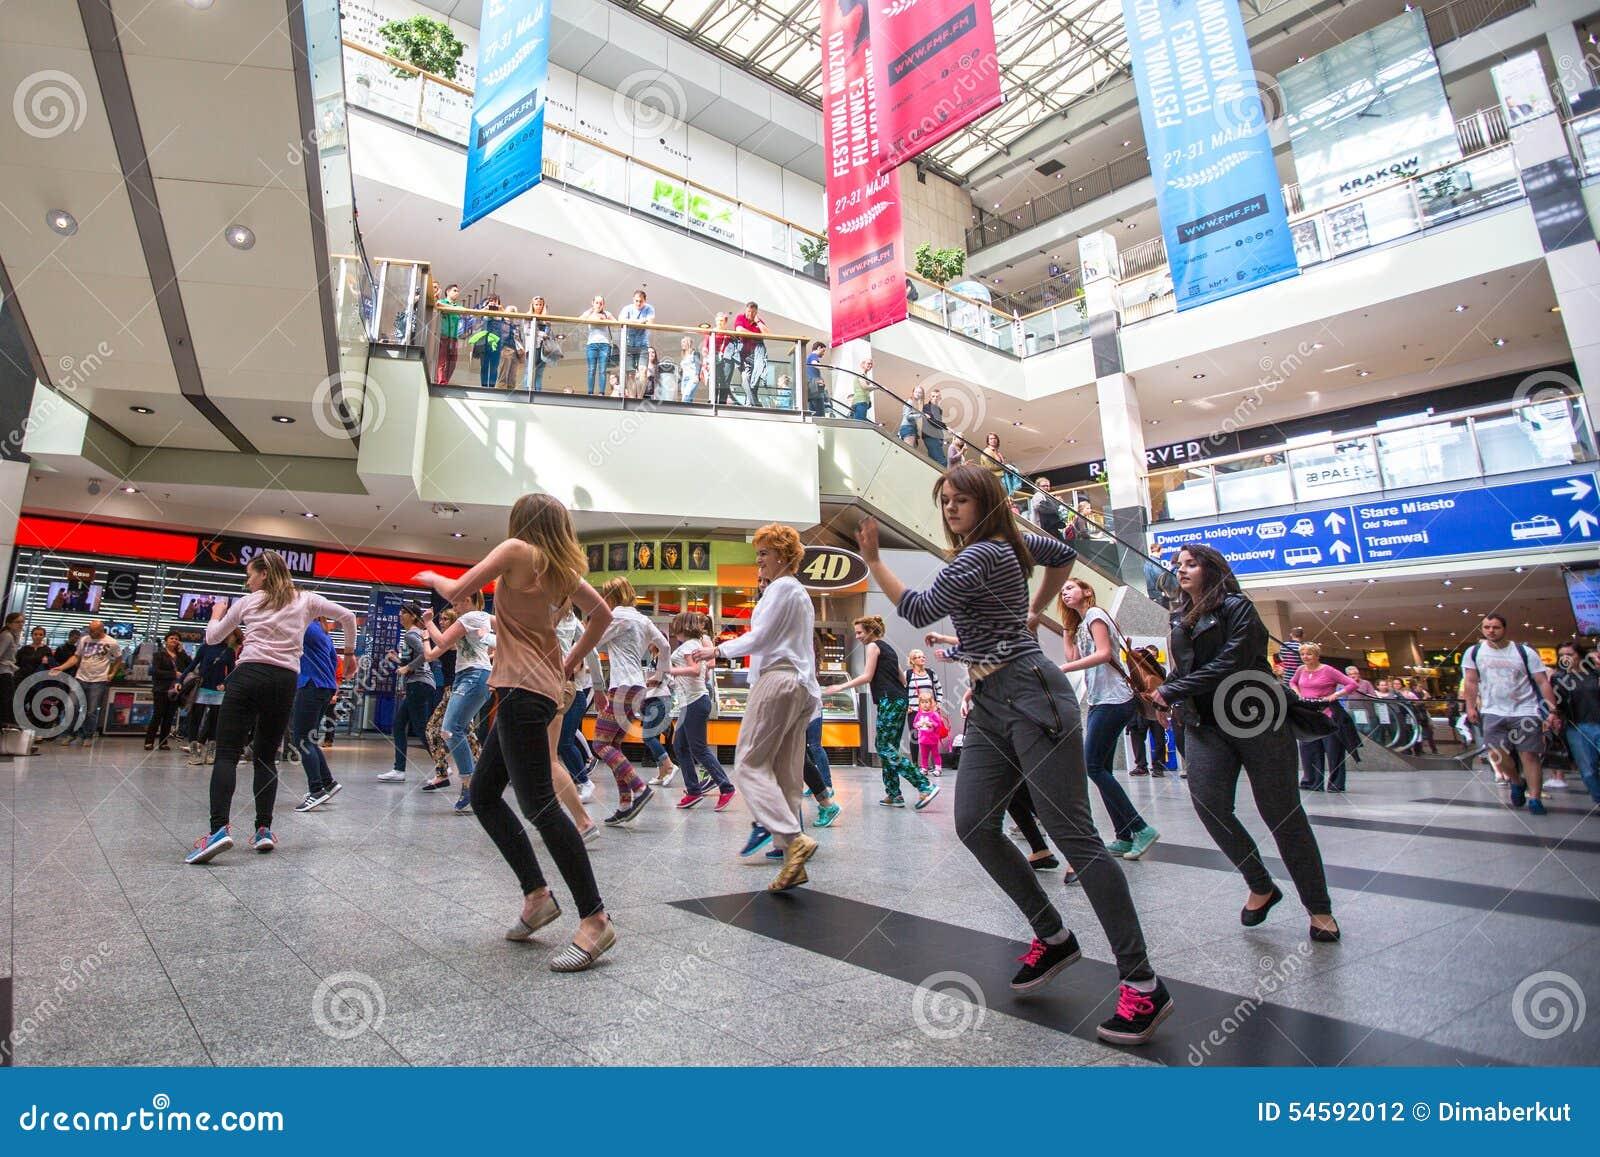 КРАКОВ, ПОЛЬША - участники в вспышке танца толпятся на вокзале главного города